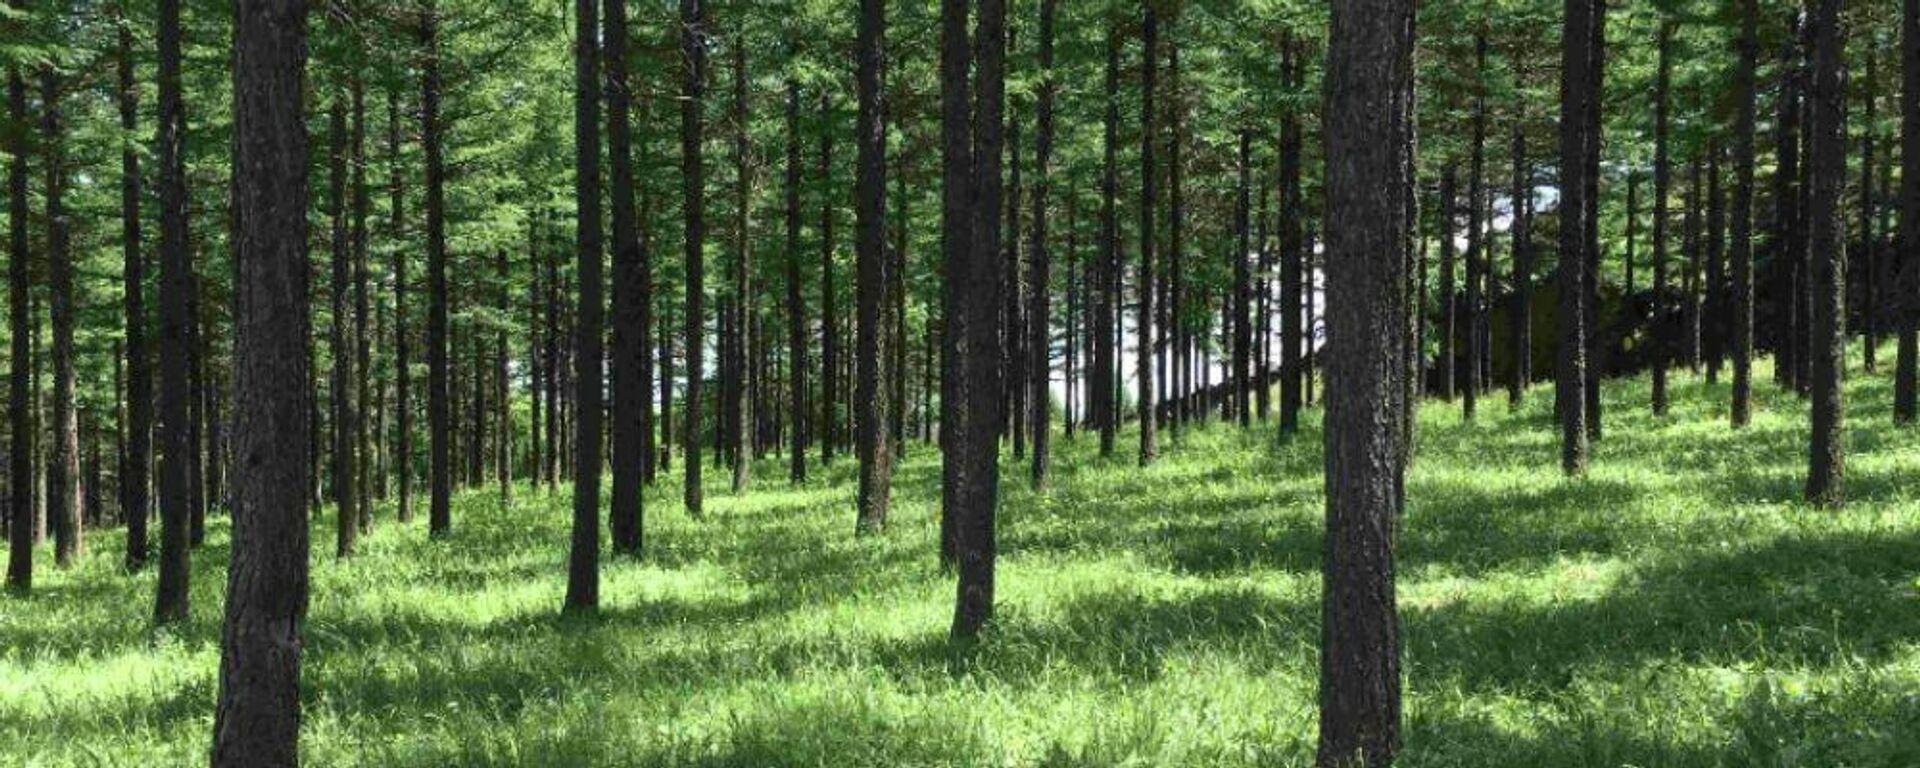 Το μεγαλύτερο αναδασωμένο δάσος στον κόσμο - Sputnik Ελλάδα, 1920, 08.10.2021